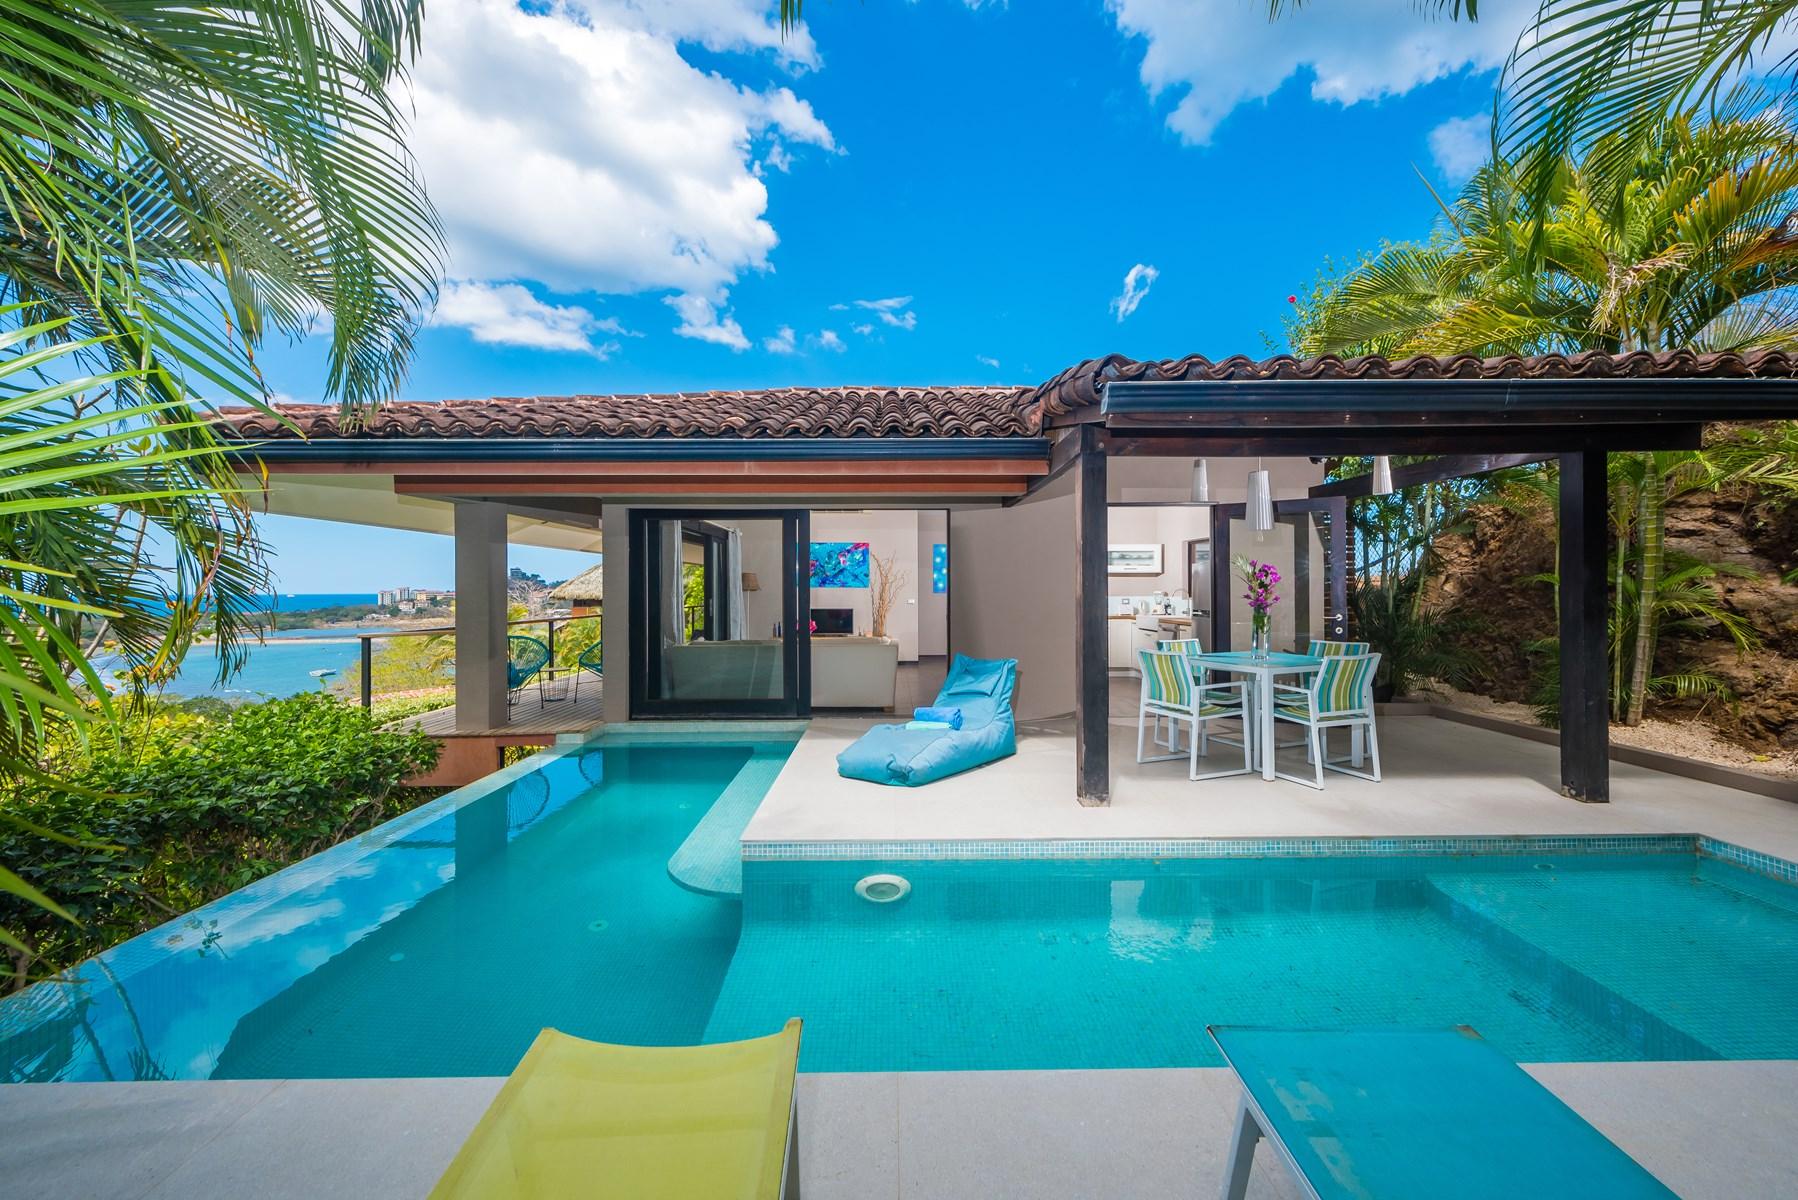 Casa Cielo, Colores de Pacifico